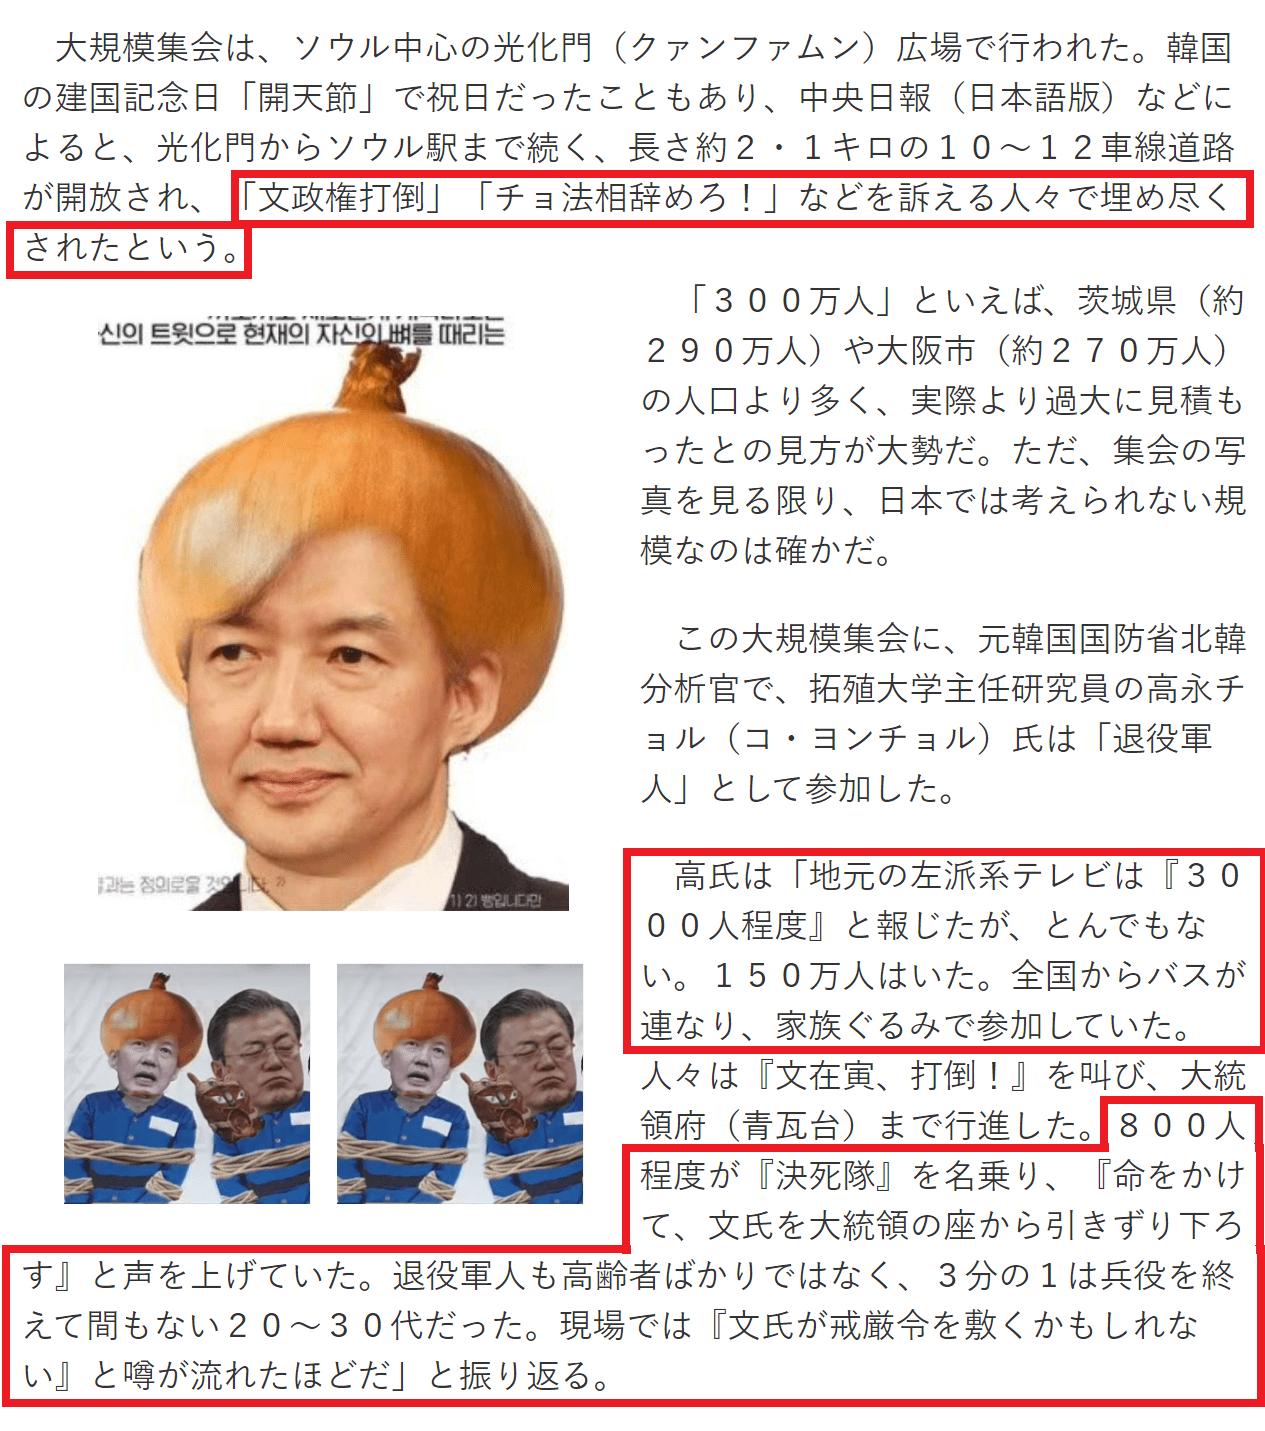 下朝鮮で100万人規模(?)で反ブンザイ寅デモが2 (1)